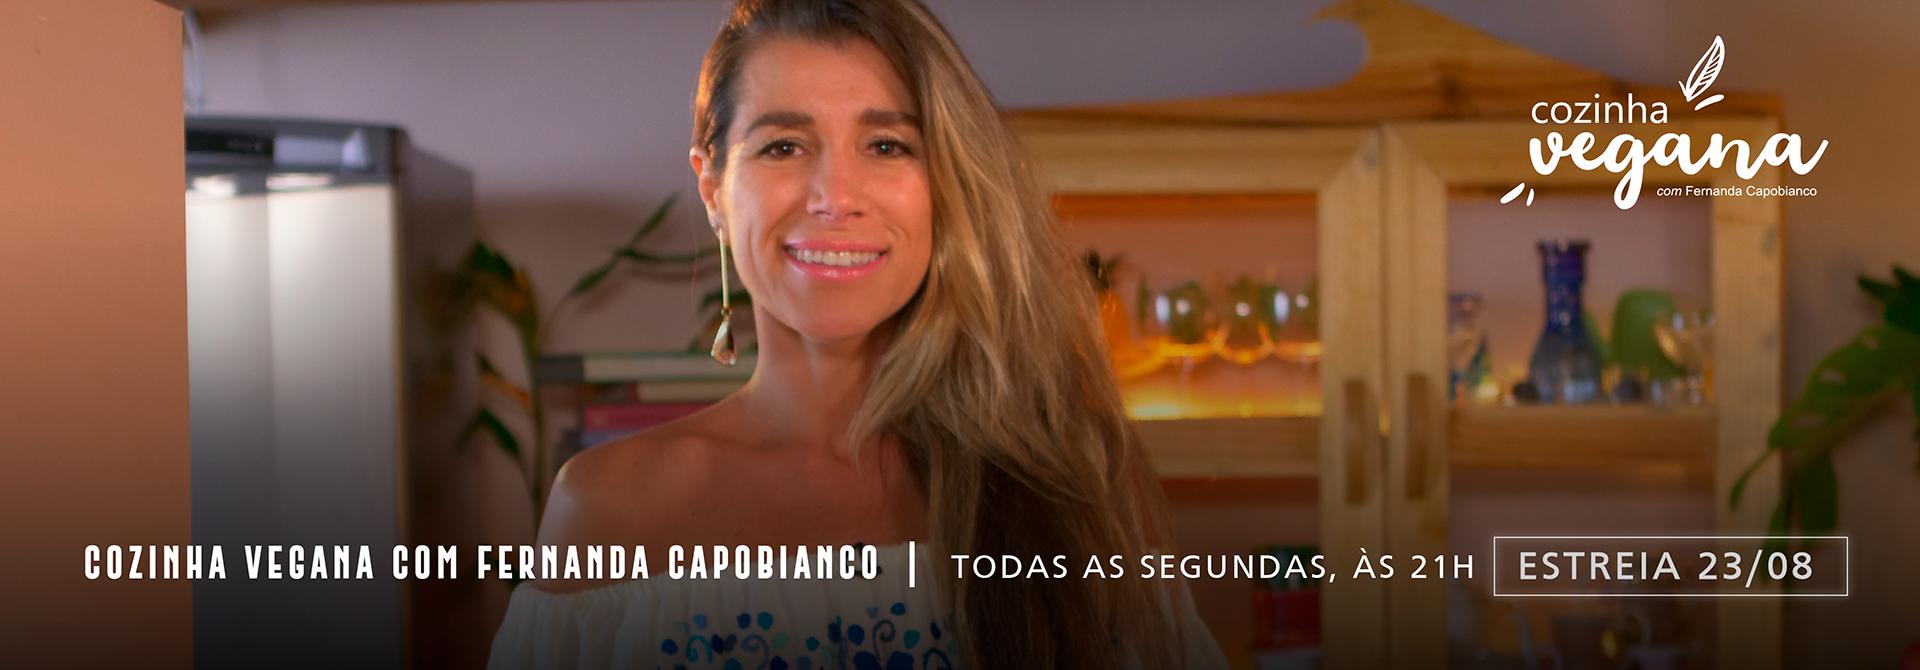 Cozinha Vegana com Fernanda Capobianco (estreia)